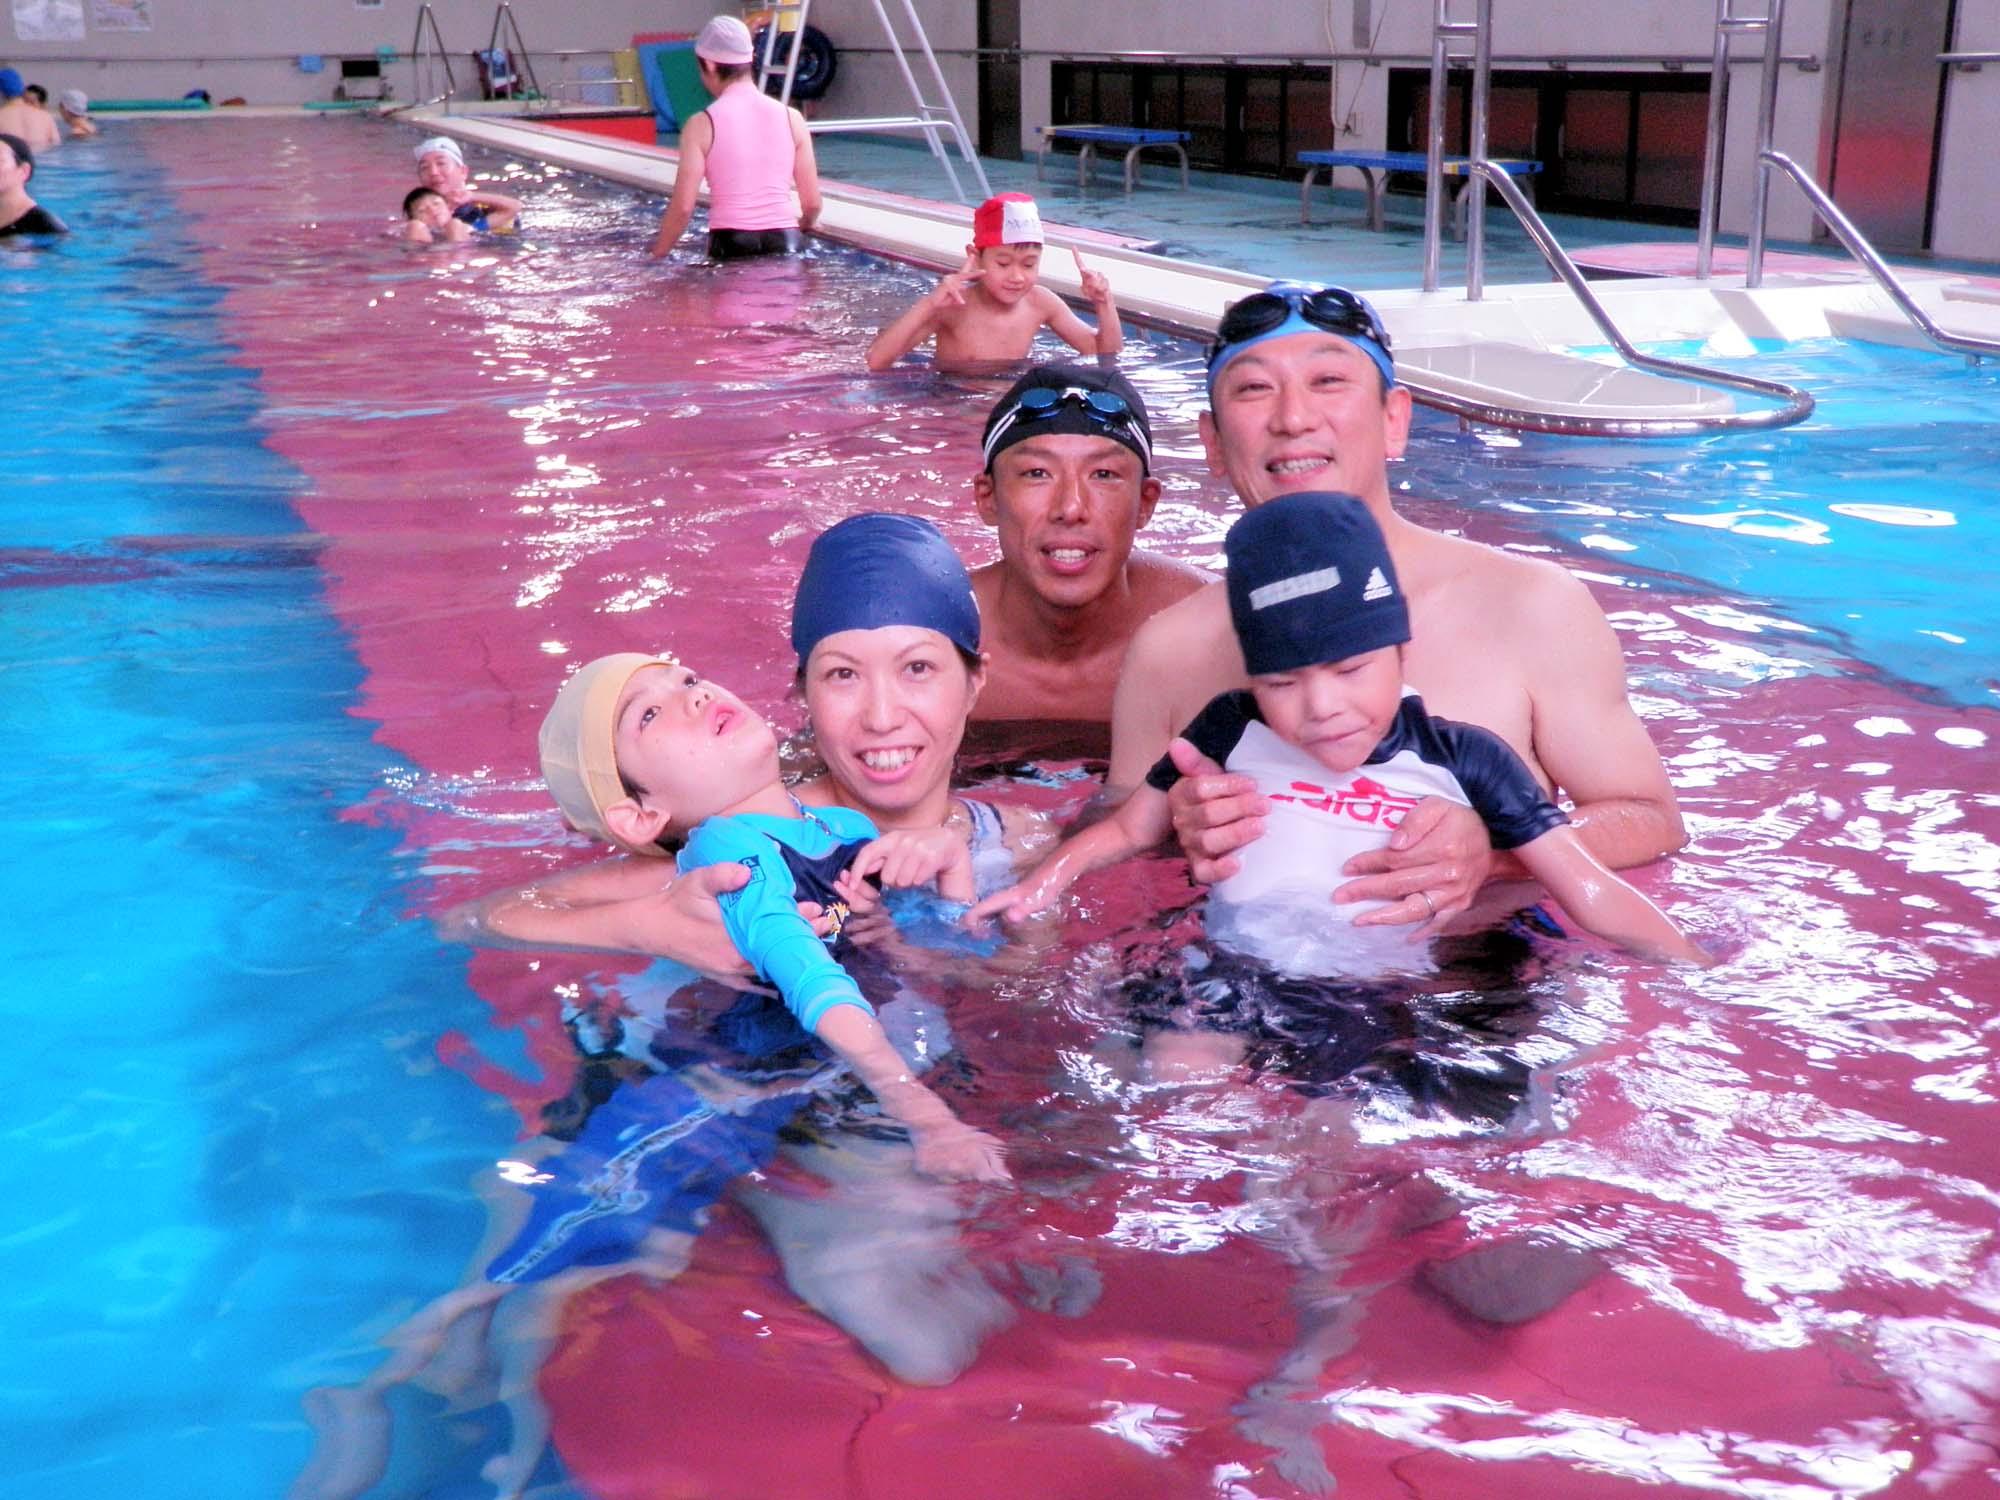 P7110311 - 重度障害者のための水泳教室より ・・・おだやかなプールで練習しています。